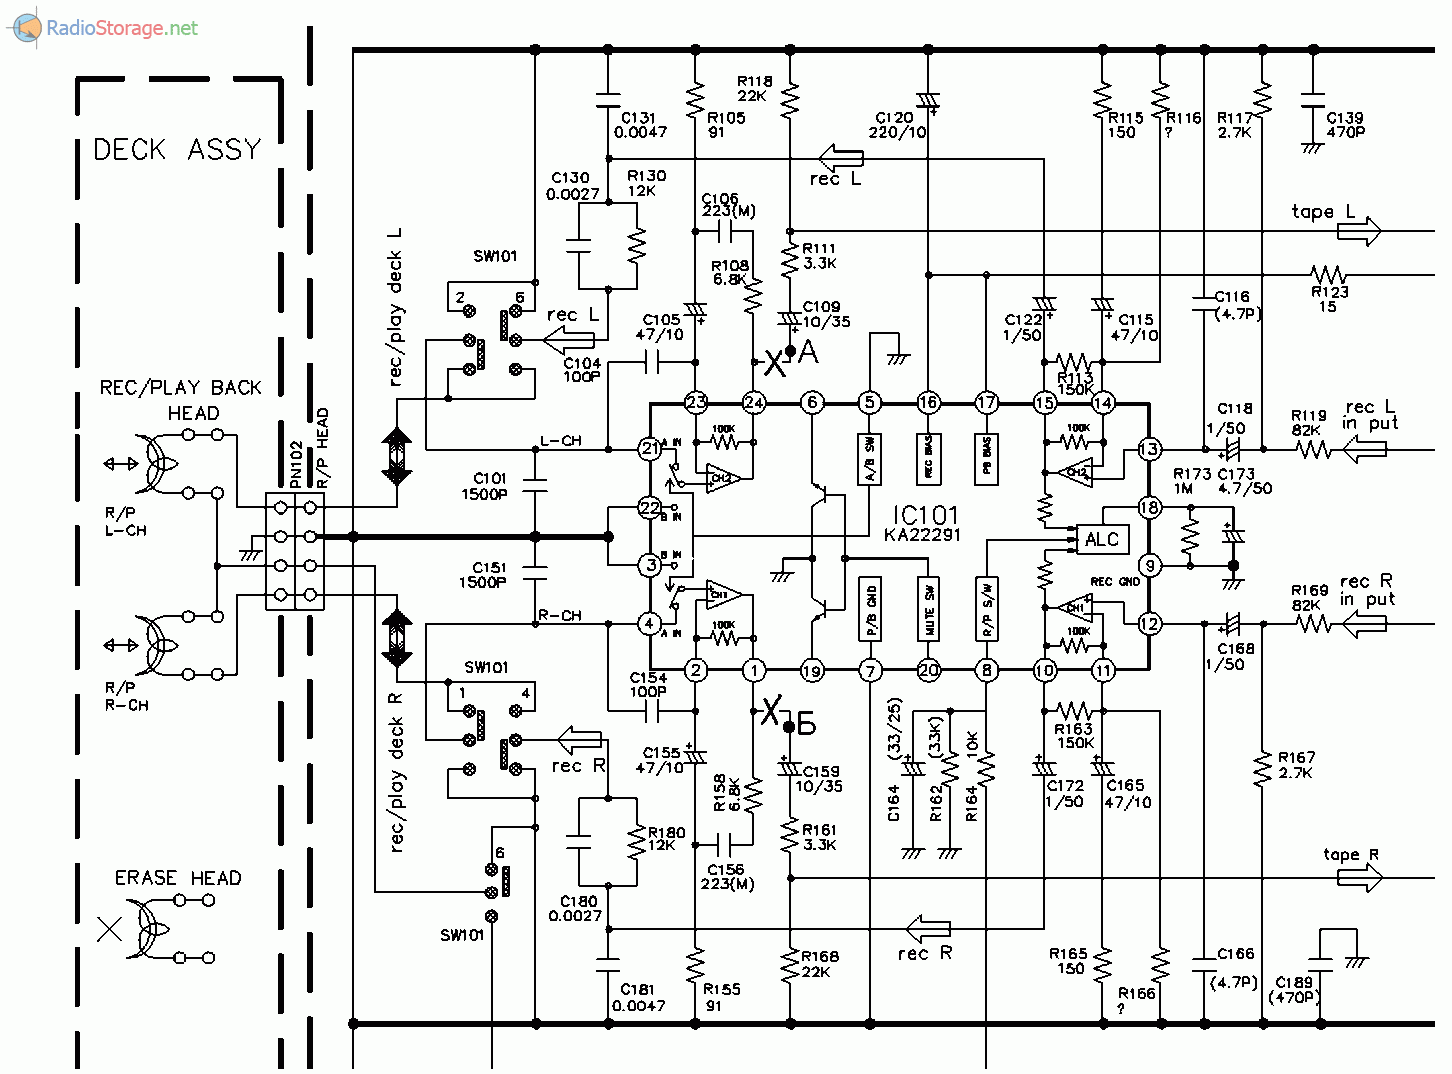 магнитола лж схема подключения